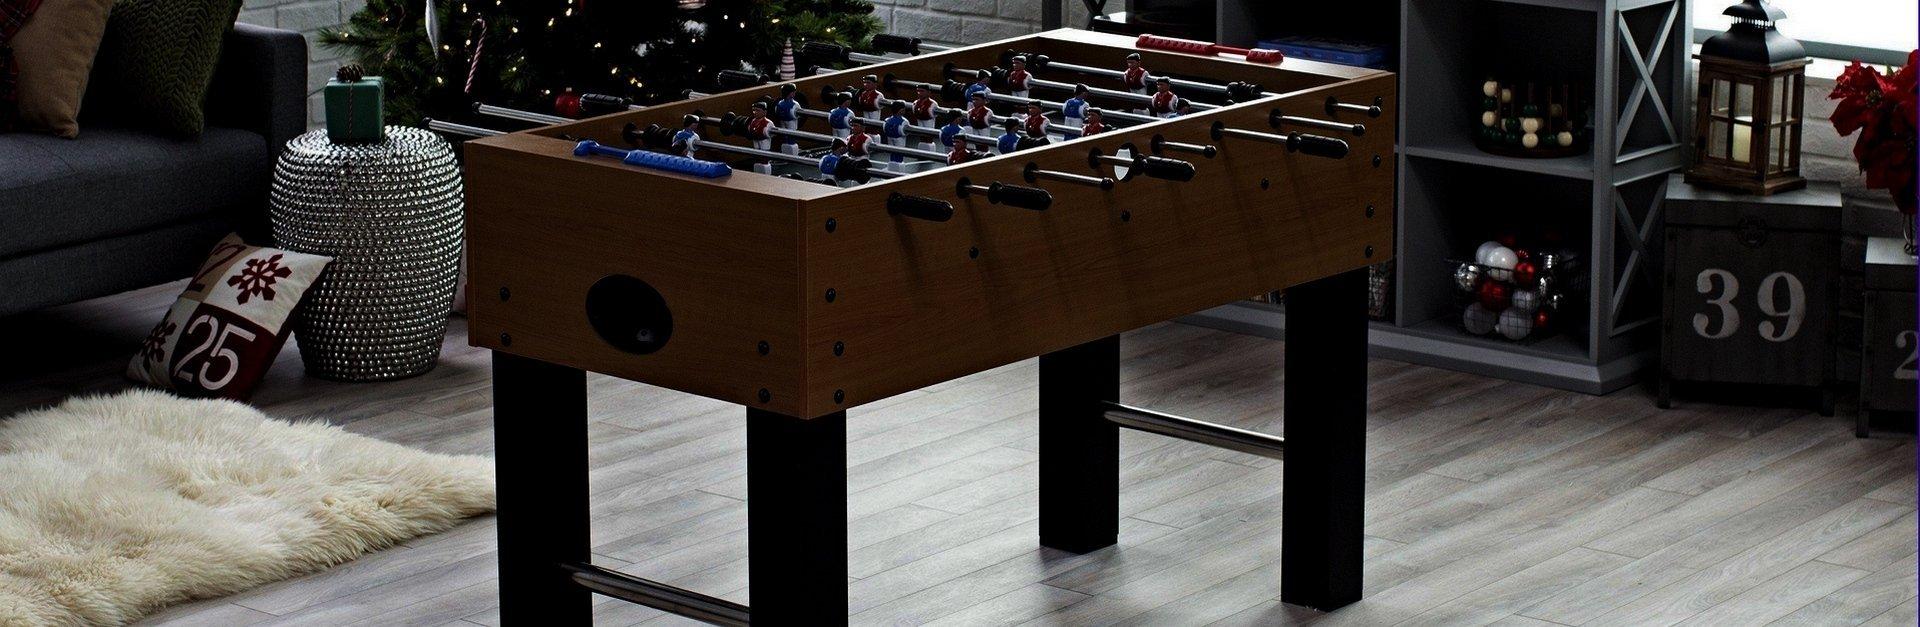 Best Wood Foosball Table